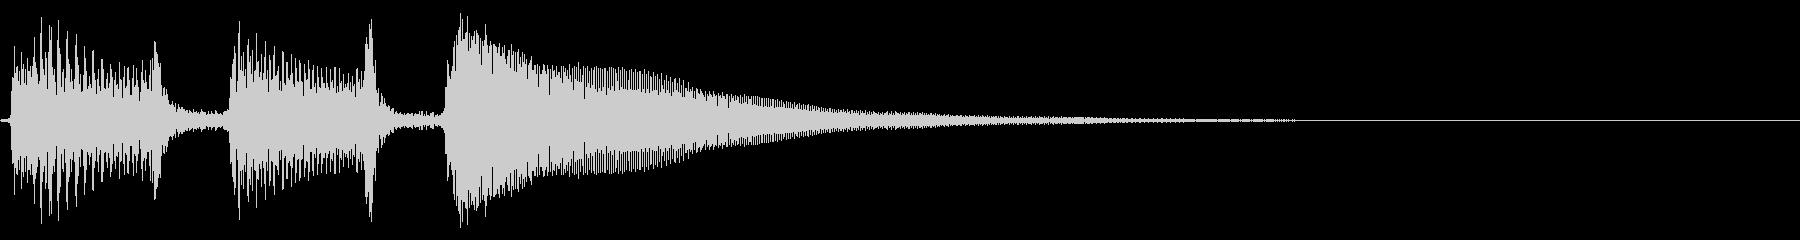 ★アコギ生音のジングル/元気2の未再生の波形